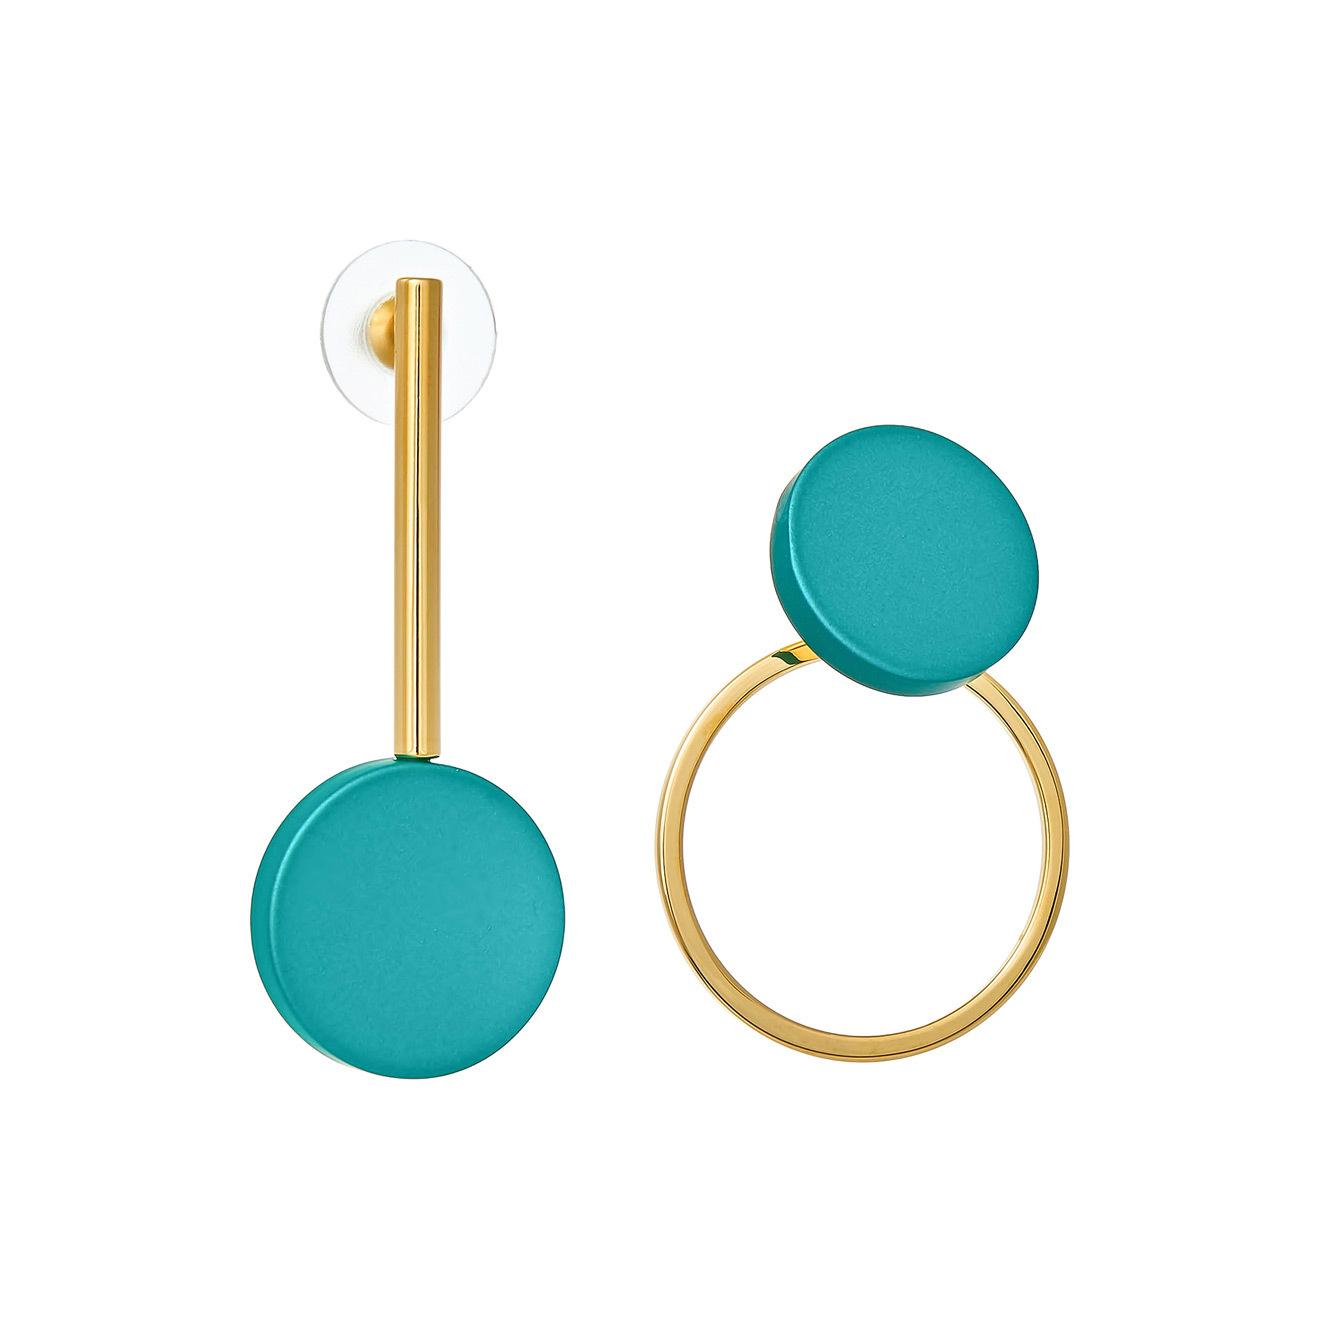 Nuance Золотистые асимметричные серьги с зелеными кругами недорого